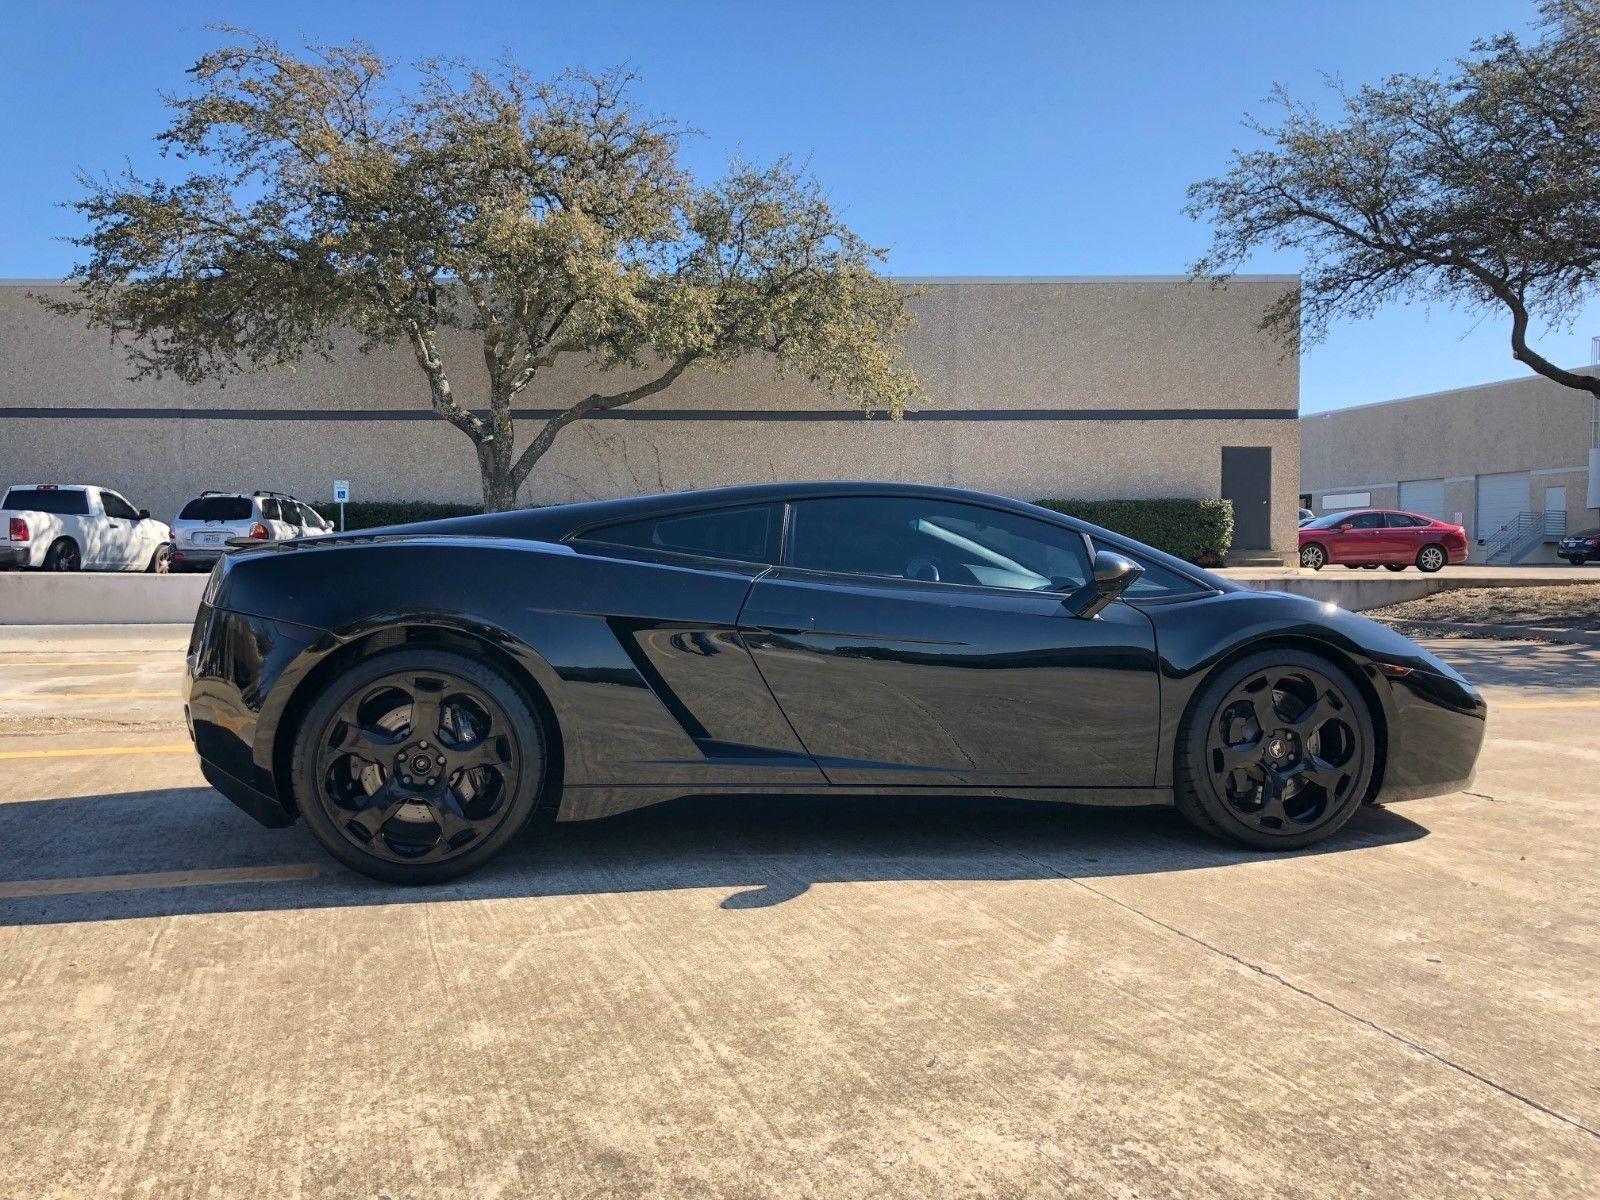 Amazing 2004 Lamborghini Gallardo 2004 Lamborghini Gallardo 6 Speed